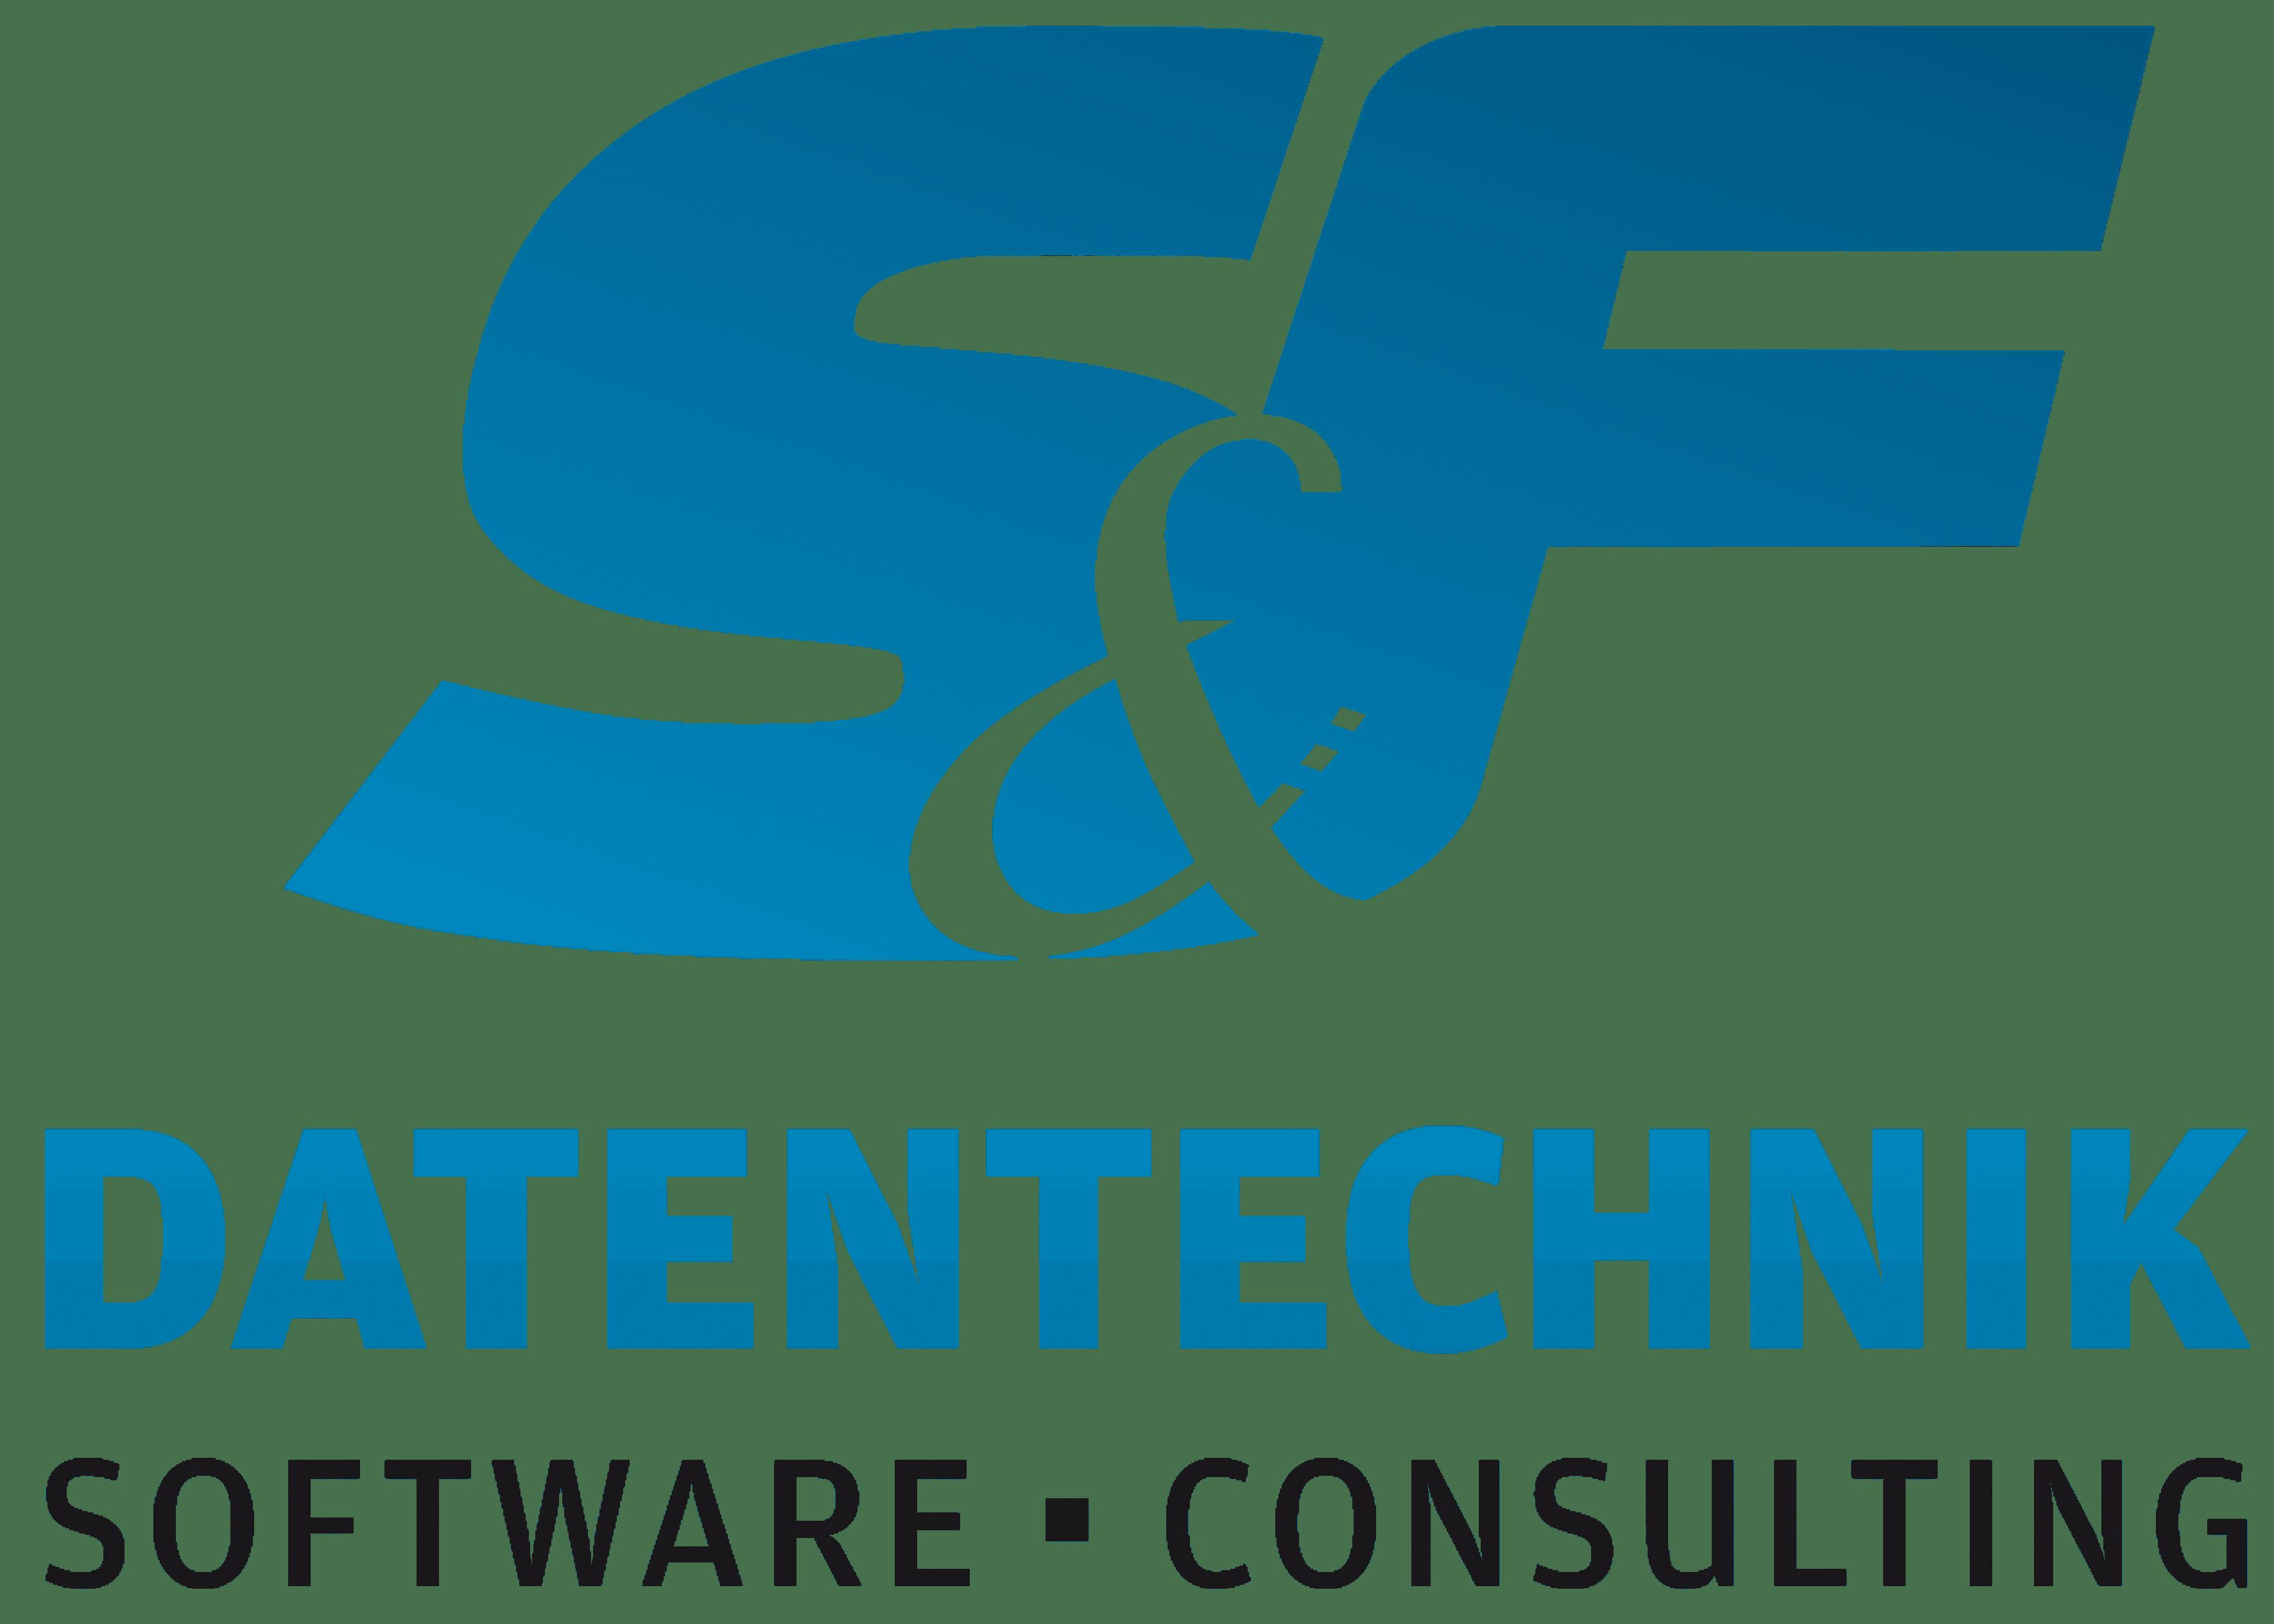 sf_logo_2014